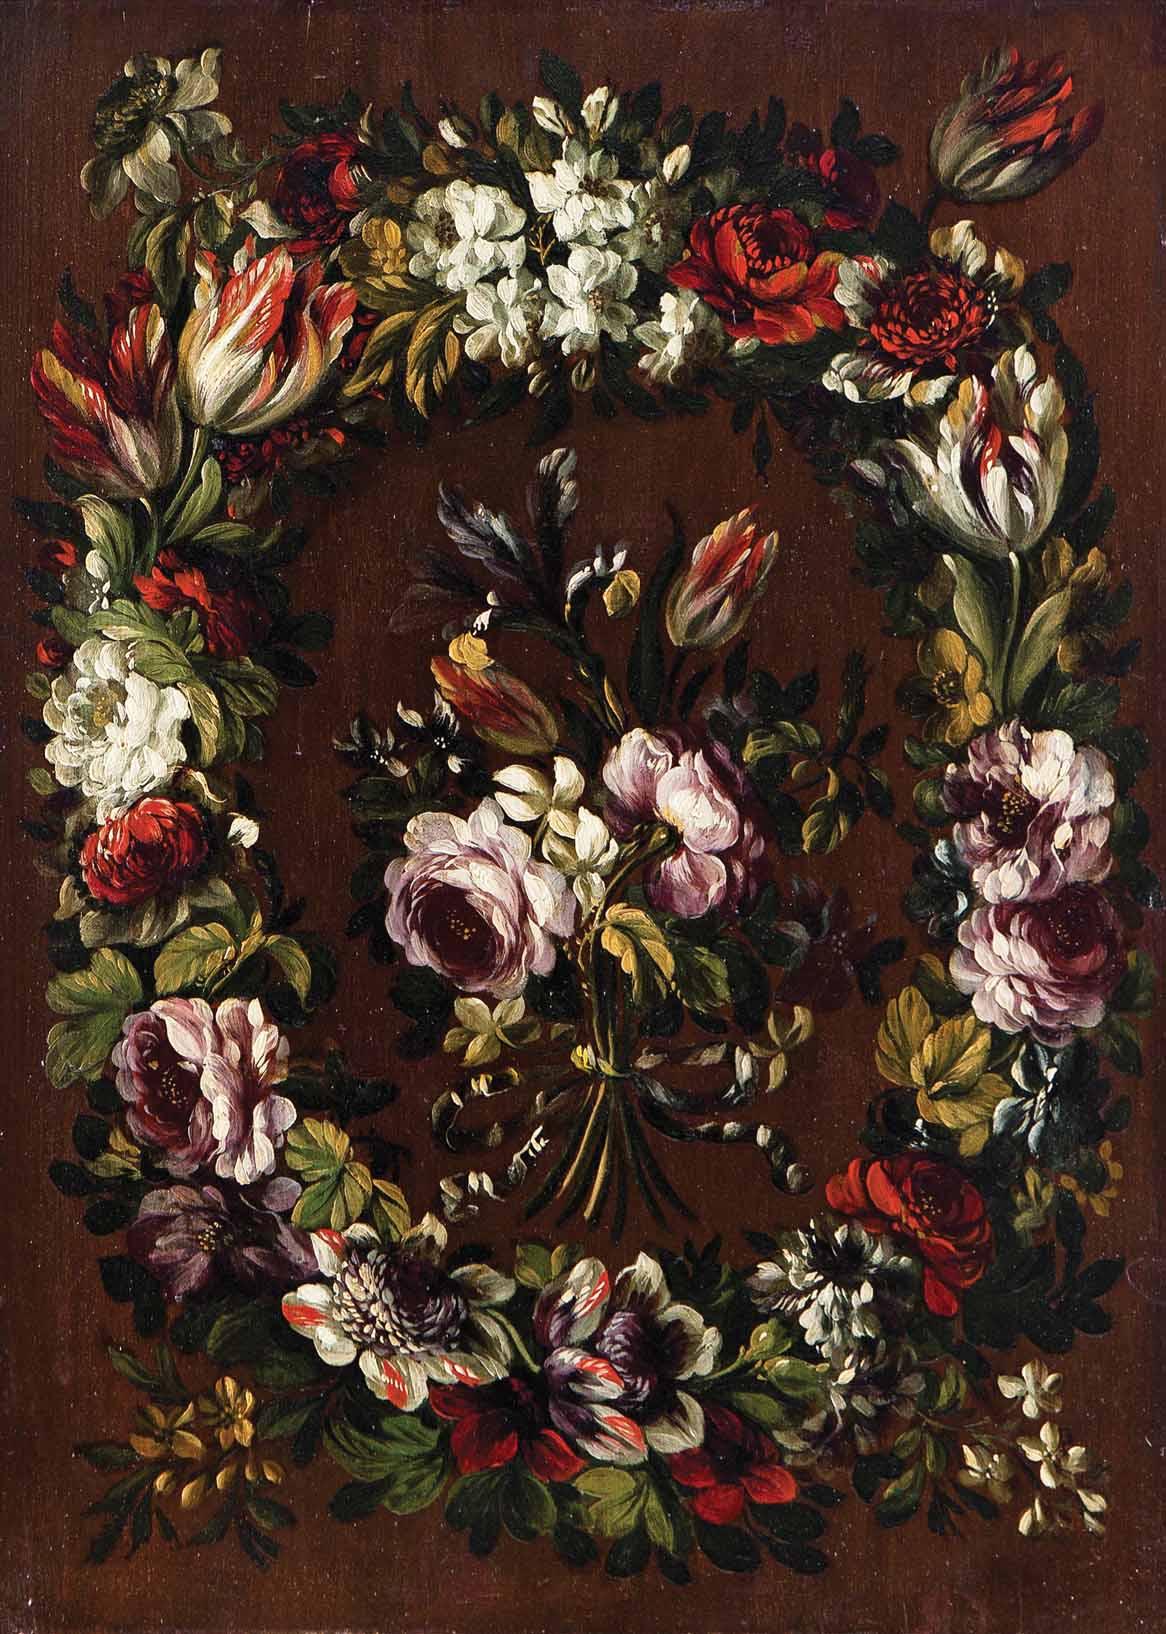 Gabriel de la Corte, Corona y ramillete de flores. Salida: 15.000 euros. No vendido